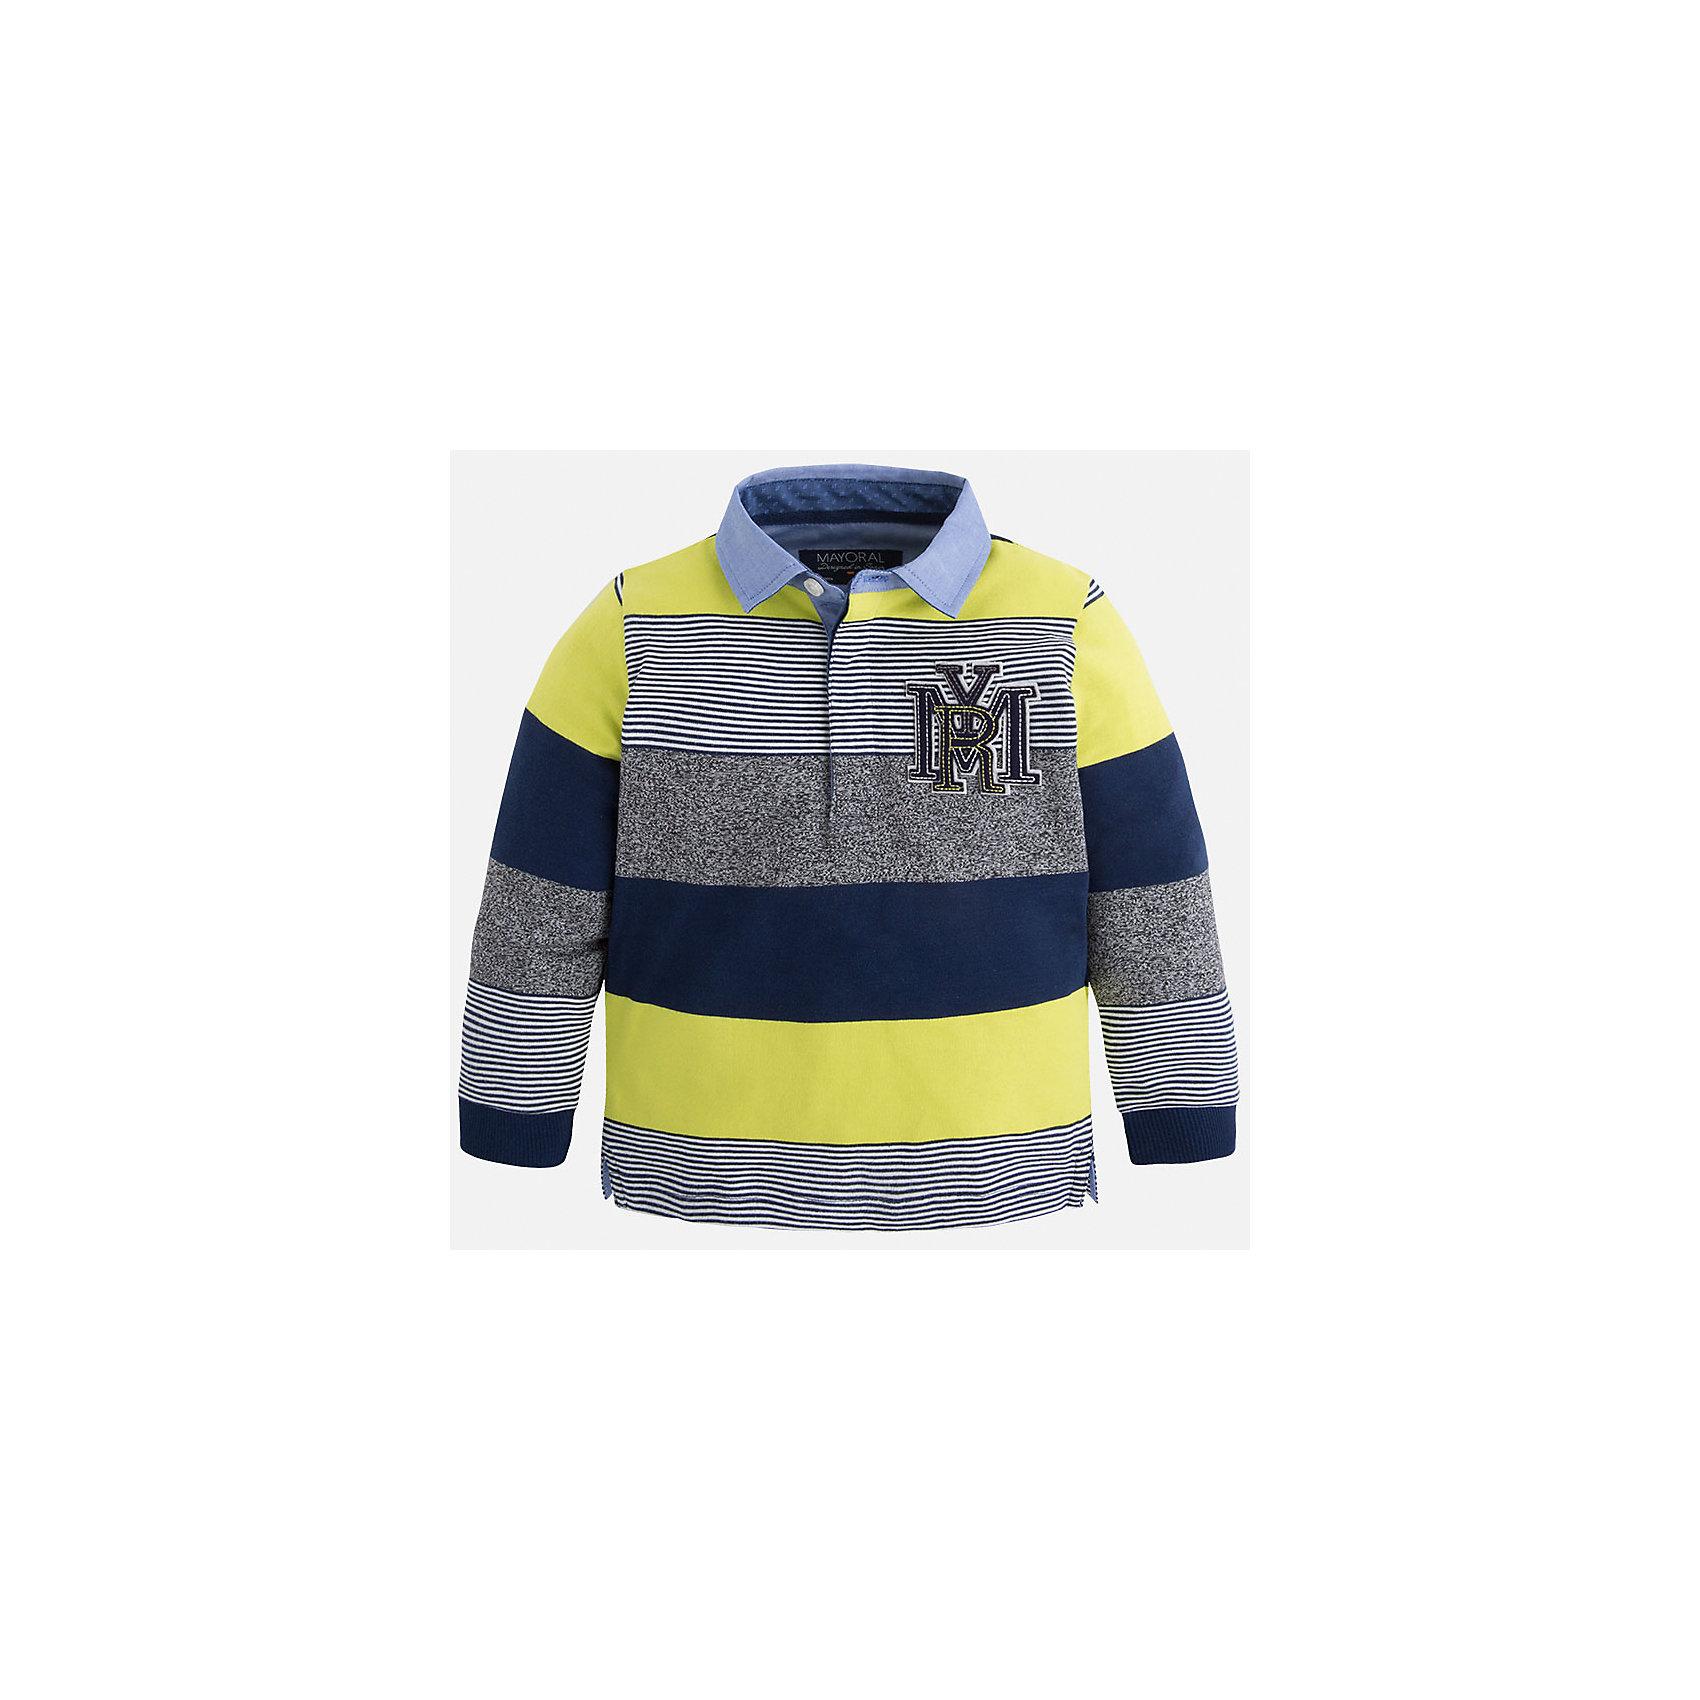 Рубашка-поло для мальчика MayoralРубашка-поло для мальчика Mayoral (Майорал) – это стильная, модная и практичная модель.<br>Полосатая рубашка-поло с длинными рукавами от известной испанской марки Mayoral (Майорал) выполненная из натурального хлопка с добавлением полиэстера, станет стильным предметом гардероба вашего мальчика. Рубашка декорирована голубым отложным воротником, манжетами и принтом с логотипом производителя. Ворот застегивается на пуговицы, застежка скрыта. Комфортный прямой крой гарантирует свободу движений.<br><br>Дополнительная информация:<br><br>- Цвет: синий, серый, лимонный, голубой<br>- Состав: 90% хлопок, 10% полиэстер<br>- Уход: бережная стирка при 30 градусах<br><br>Рубашку-поло для мальчика Mayoral (Майорал) можно купить в нашем интернет-магазине.<br><br>Ширина мм: 174<br>Глубина мм: 10<br>Высота мм: 169<br>Вес г: 157<br>Цвет: желтый<br>Возраст от месяцев: 48<br>Возраст до месяцев: 60<br>Пол: Мужской<br>Возраст: Детский<br>Размер: 116,122,128,134,98,104,110<br>SKU: 4820961